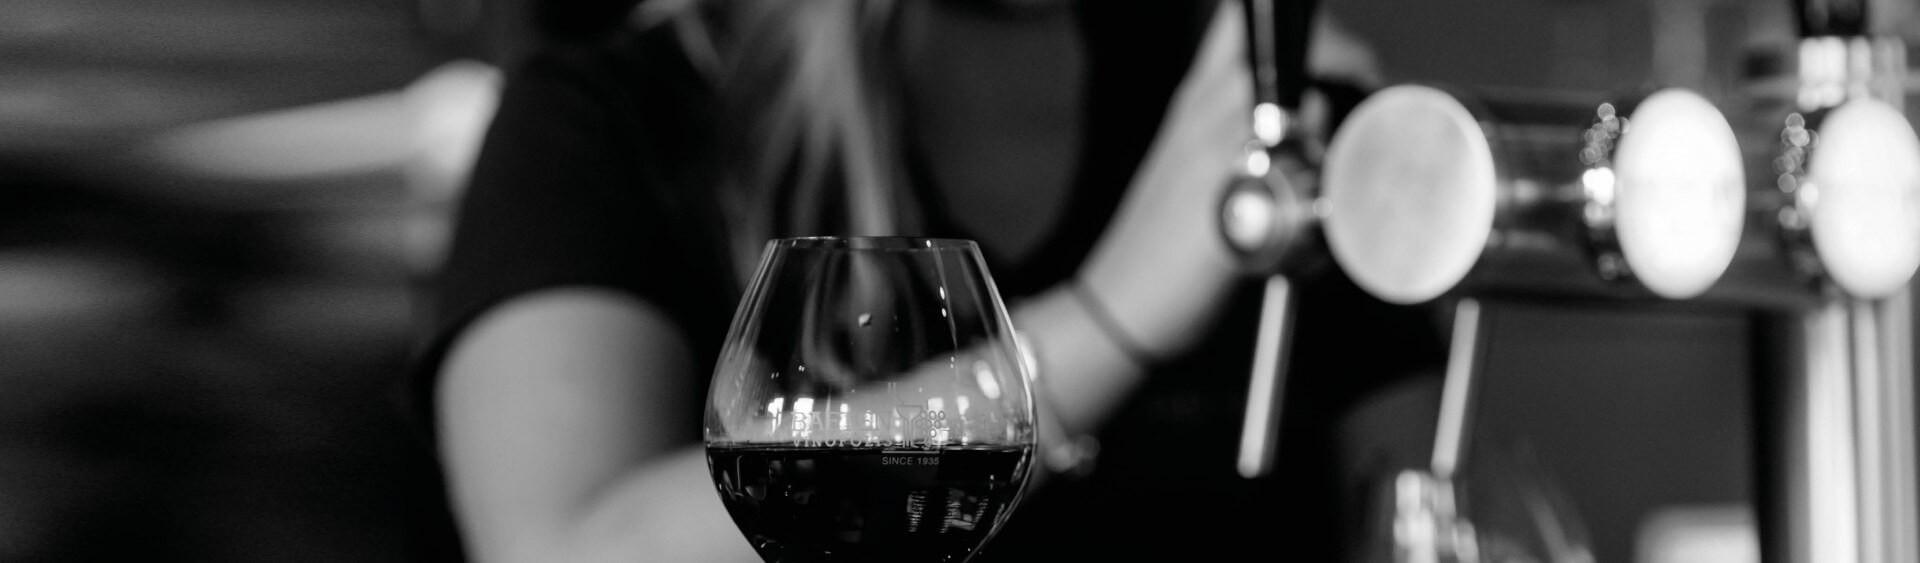 10 redenen waarom u zou kiezen voor wijn van het vat